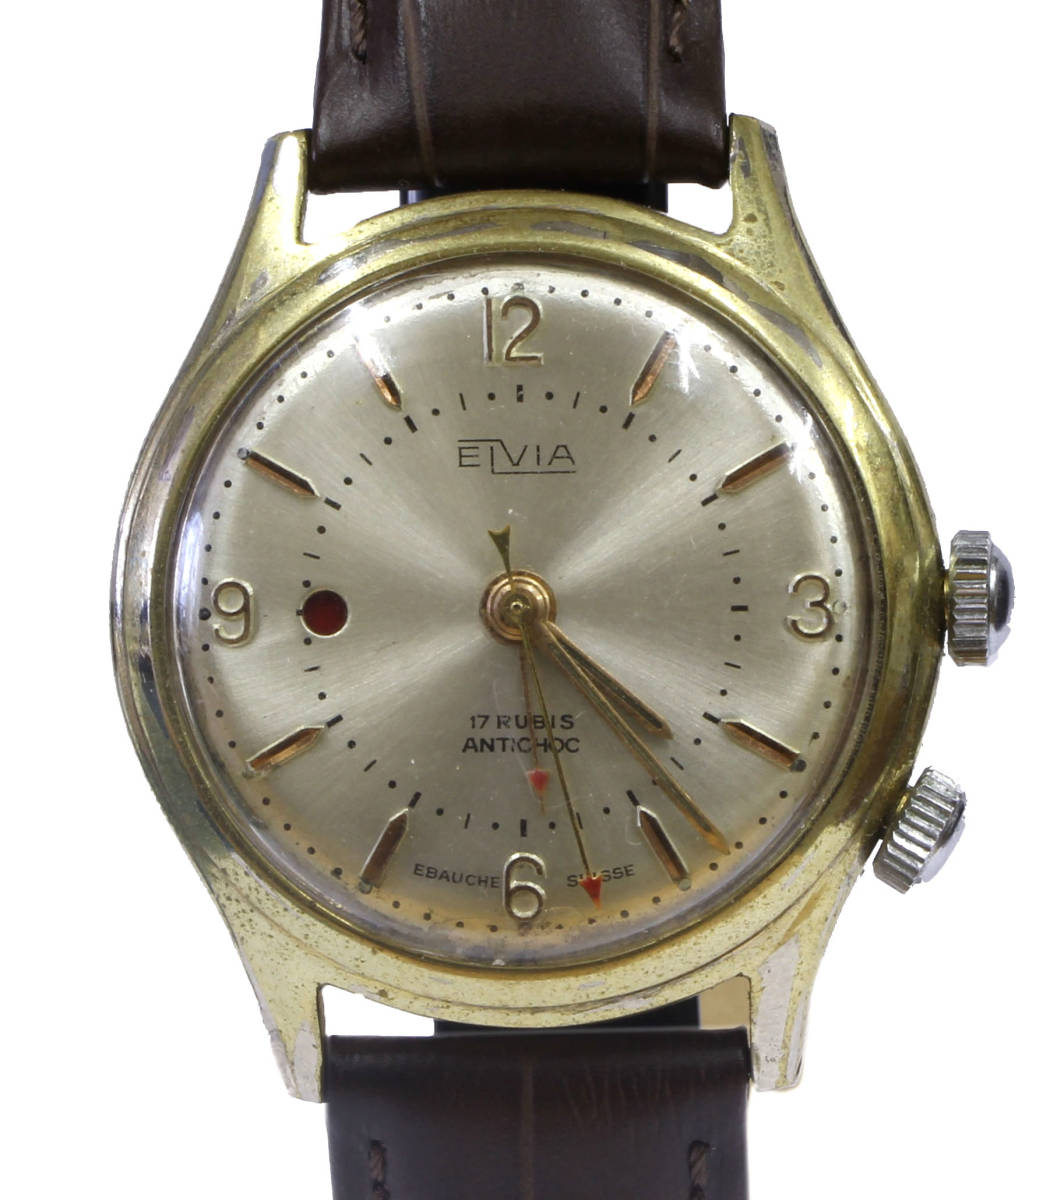 値下げ交渉あり!ヴィンテージ1960年代製ELVIAエルヴィア手巻きアラームウォッチ美品ヴィーナスCal.230搭載1年保証付_画像1